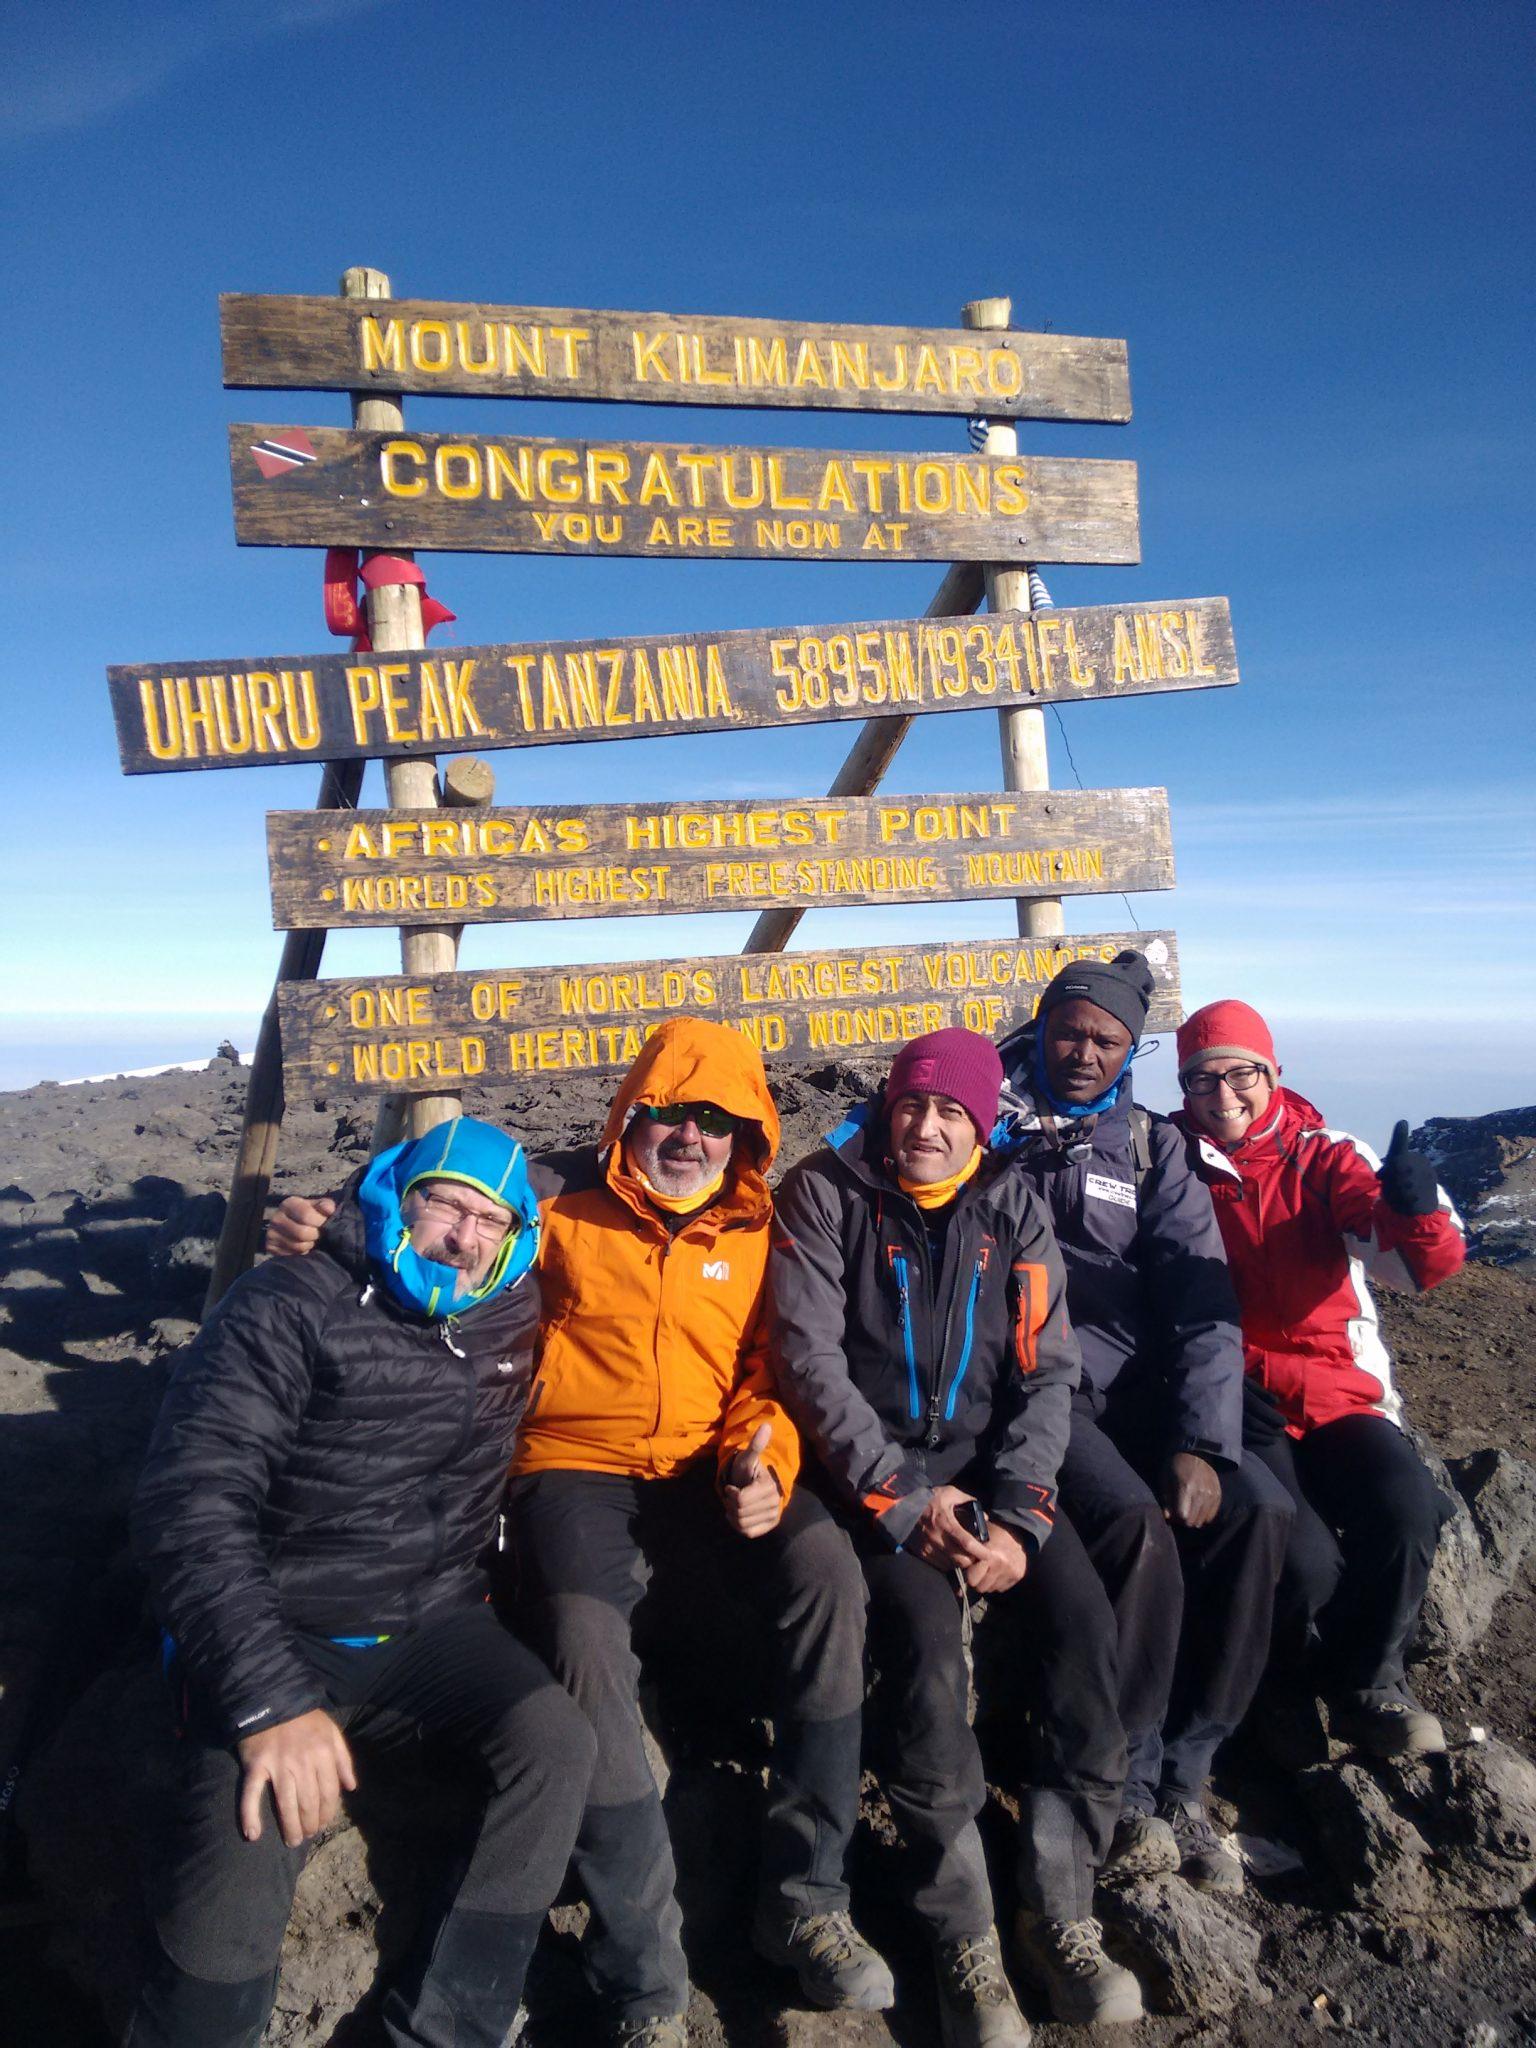 17-cumbre-urhu-peak-5-895-m